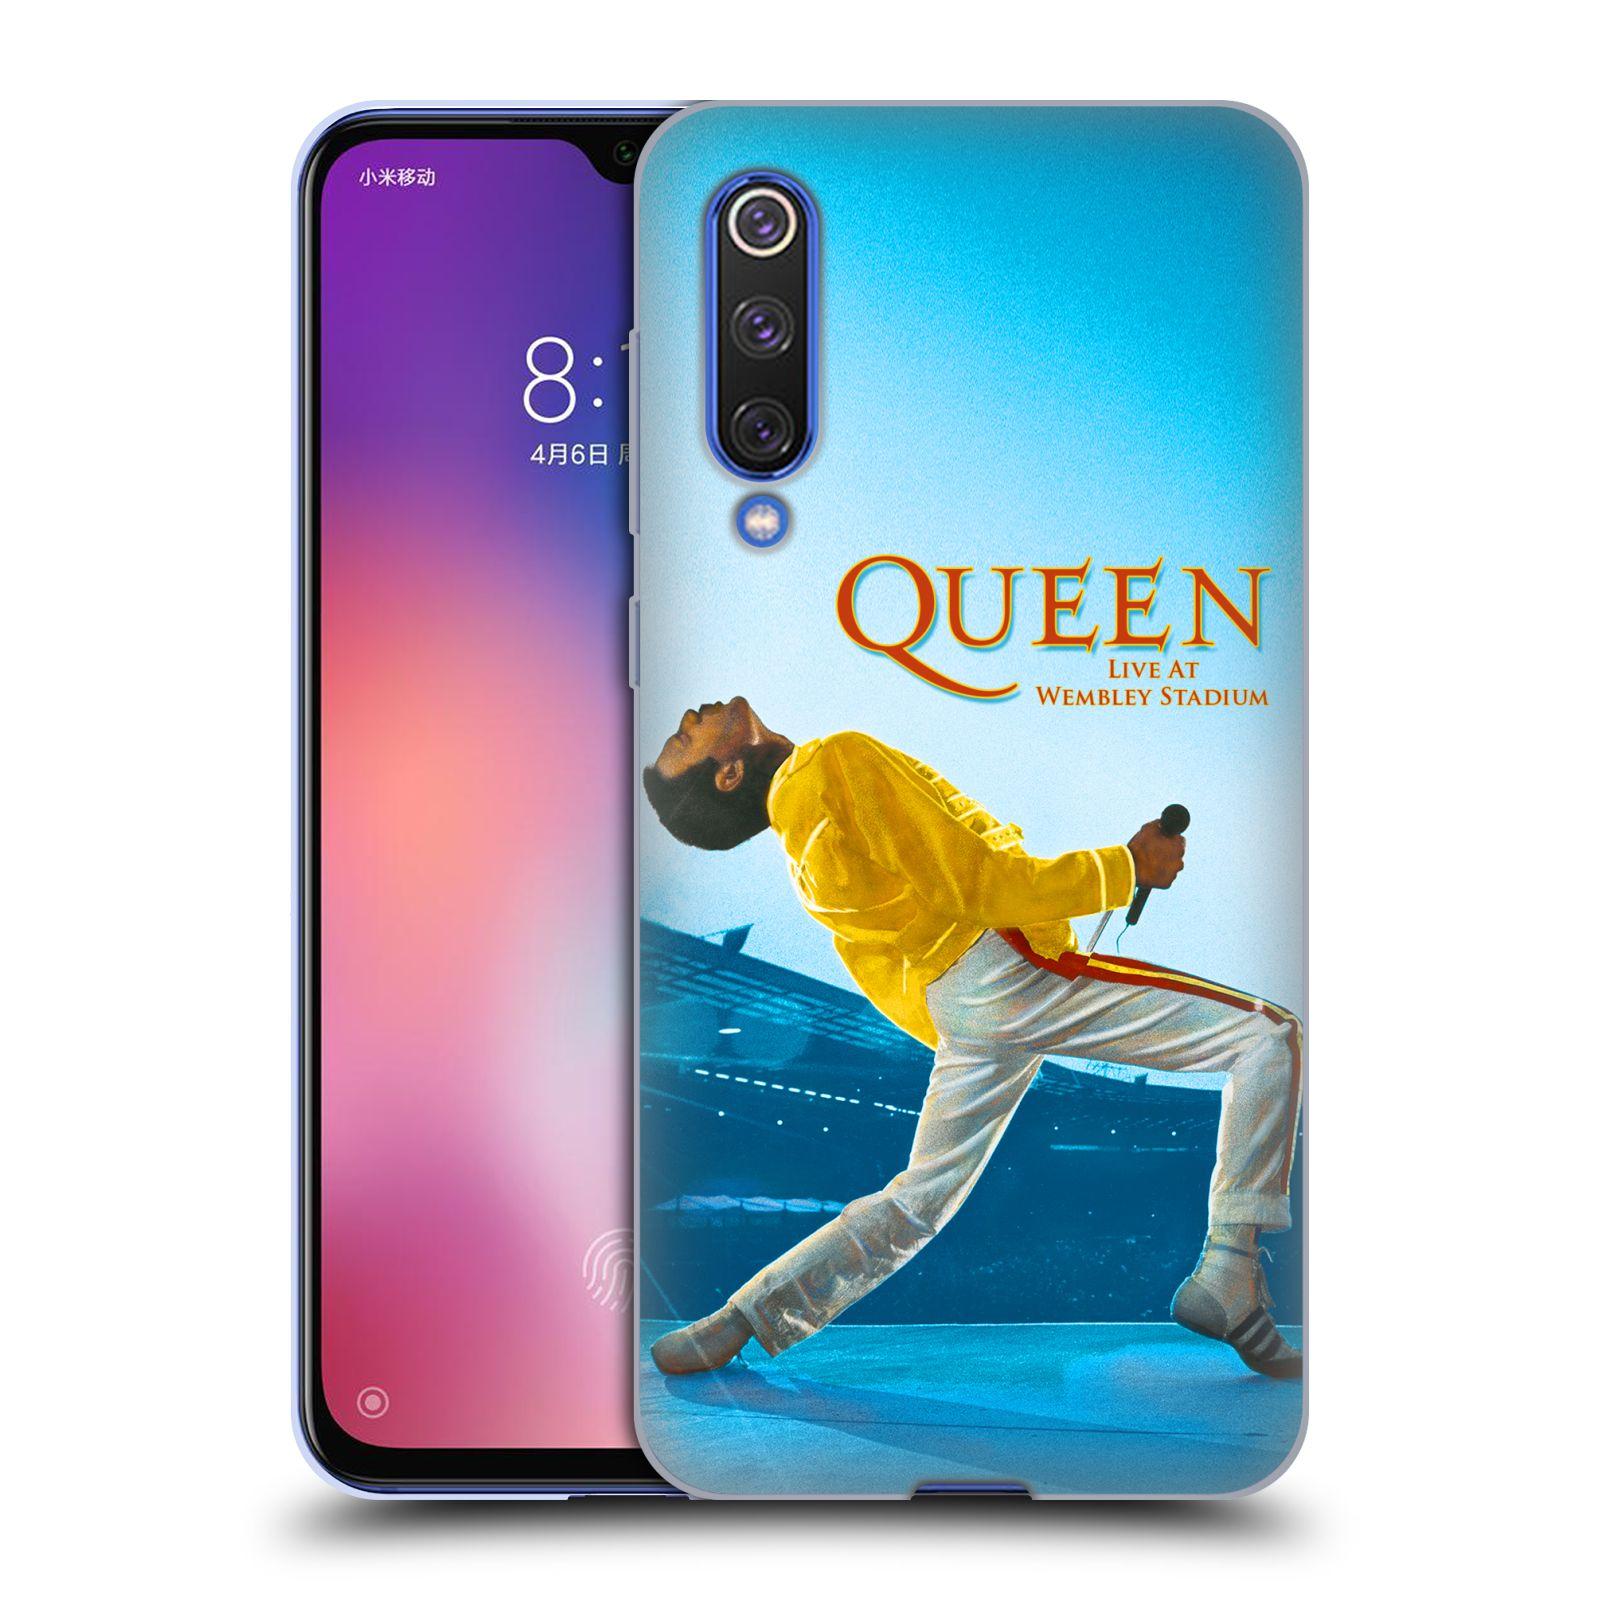 Silikonové pouzdro na mobil Xiaomi Mi 9 SE - Head Case - Queen - Freddie Mercury